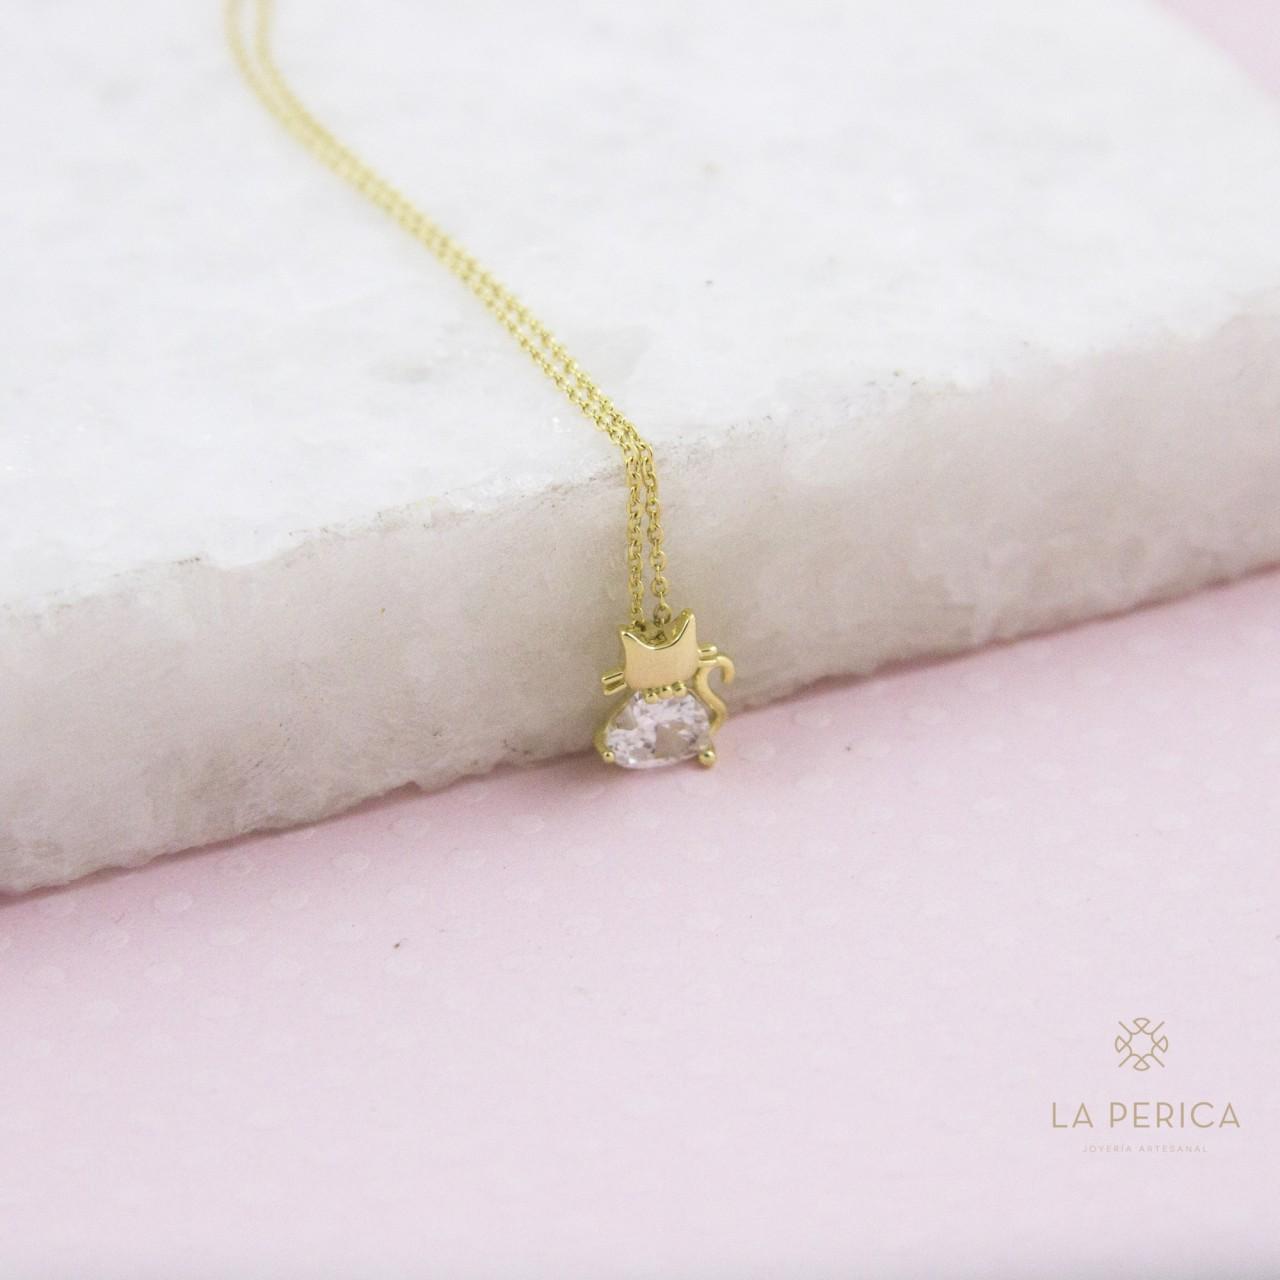 4f26b5aea38d Collar gatito (plata enchapad en oro)